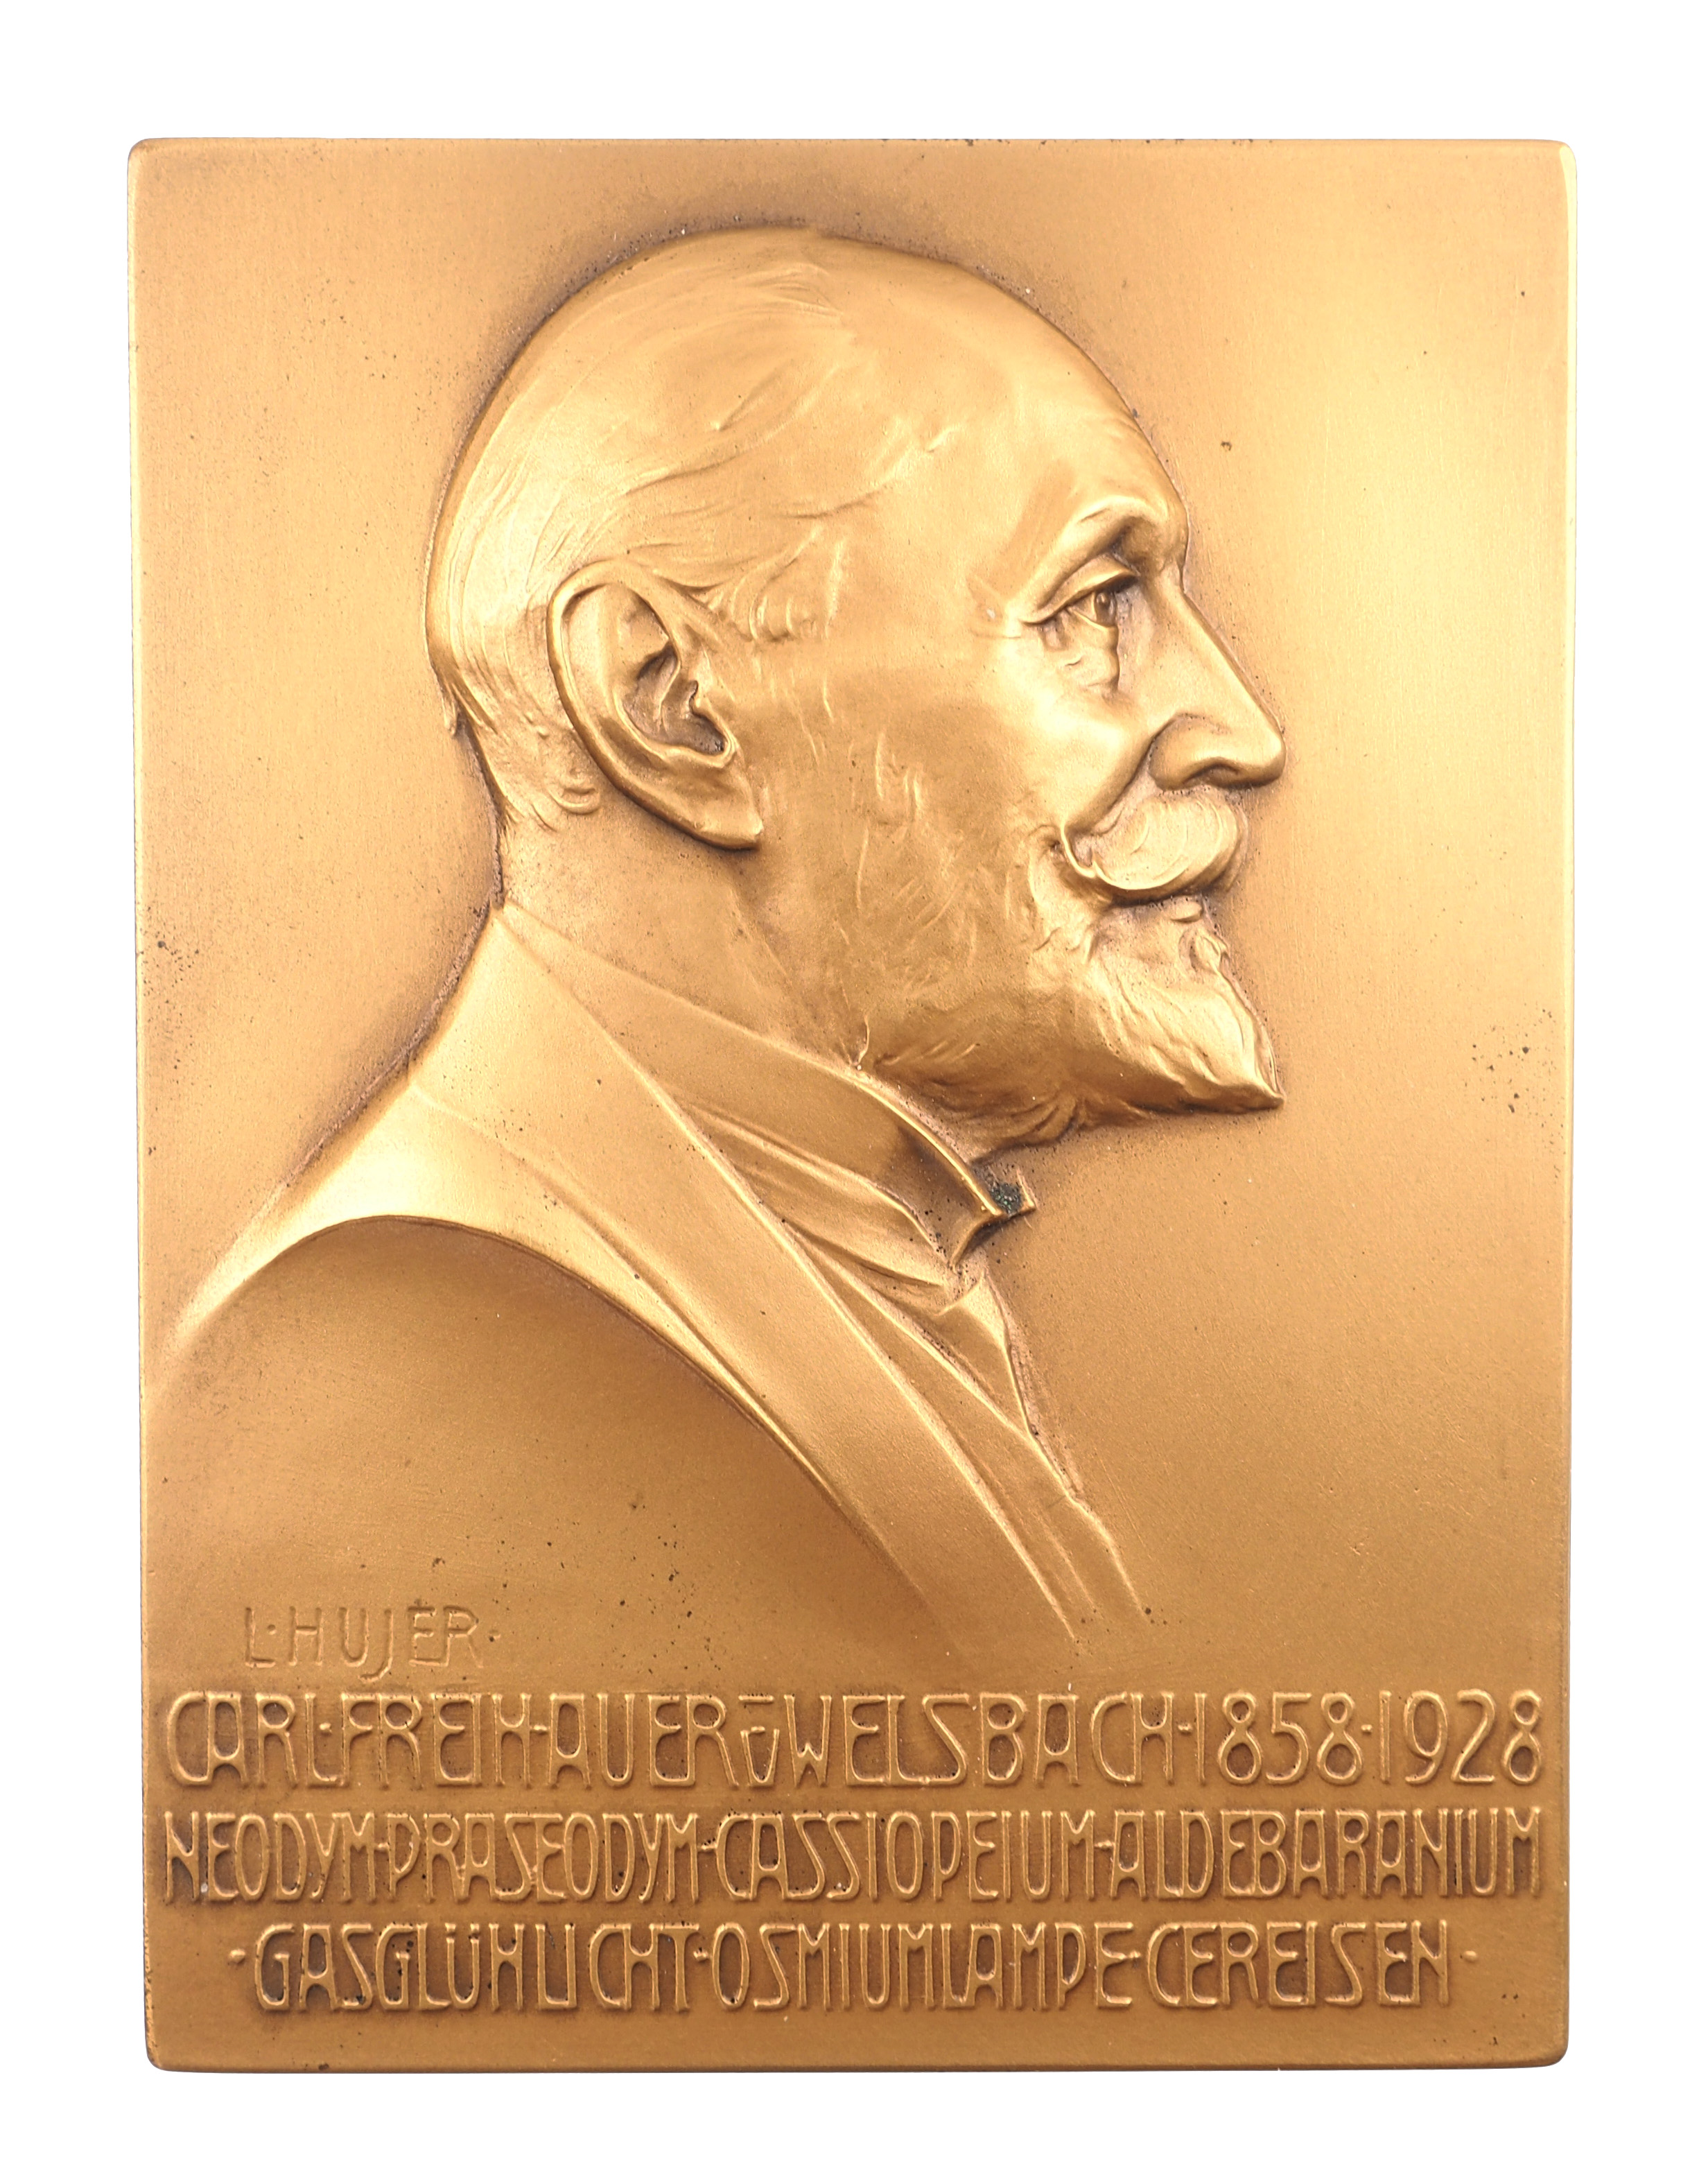 Autriche, Carl Auer von Welsbach, 1928, Bronze, SUP, 263 grammes - 75x101, HUJER